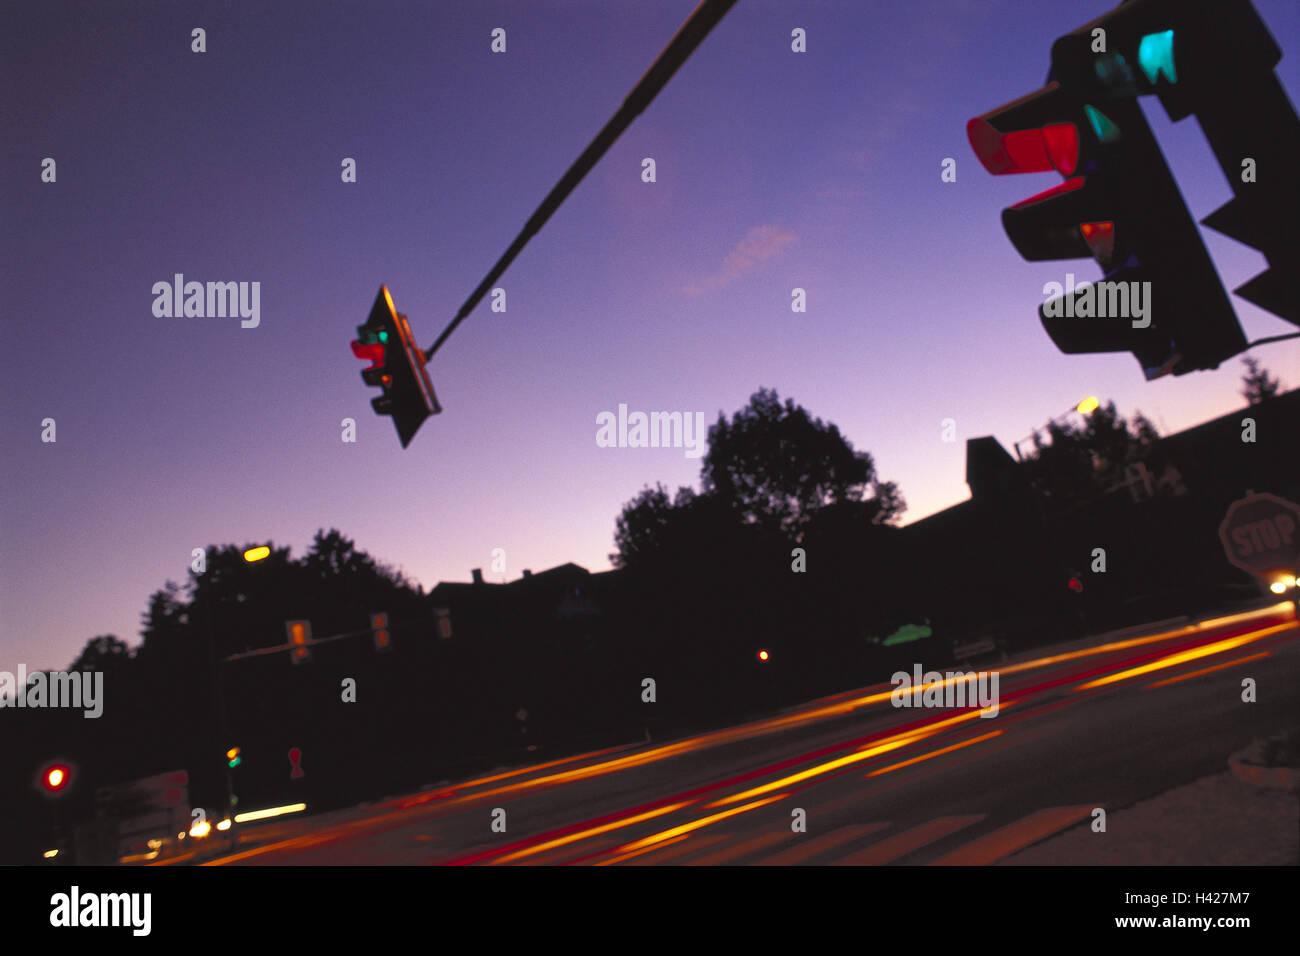 Street, traffic, lights, traffic light, At night street scene ... for Traffic Light On Road At Night  300lyp